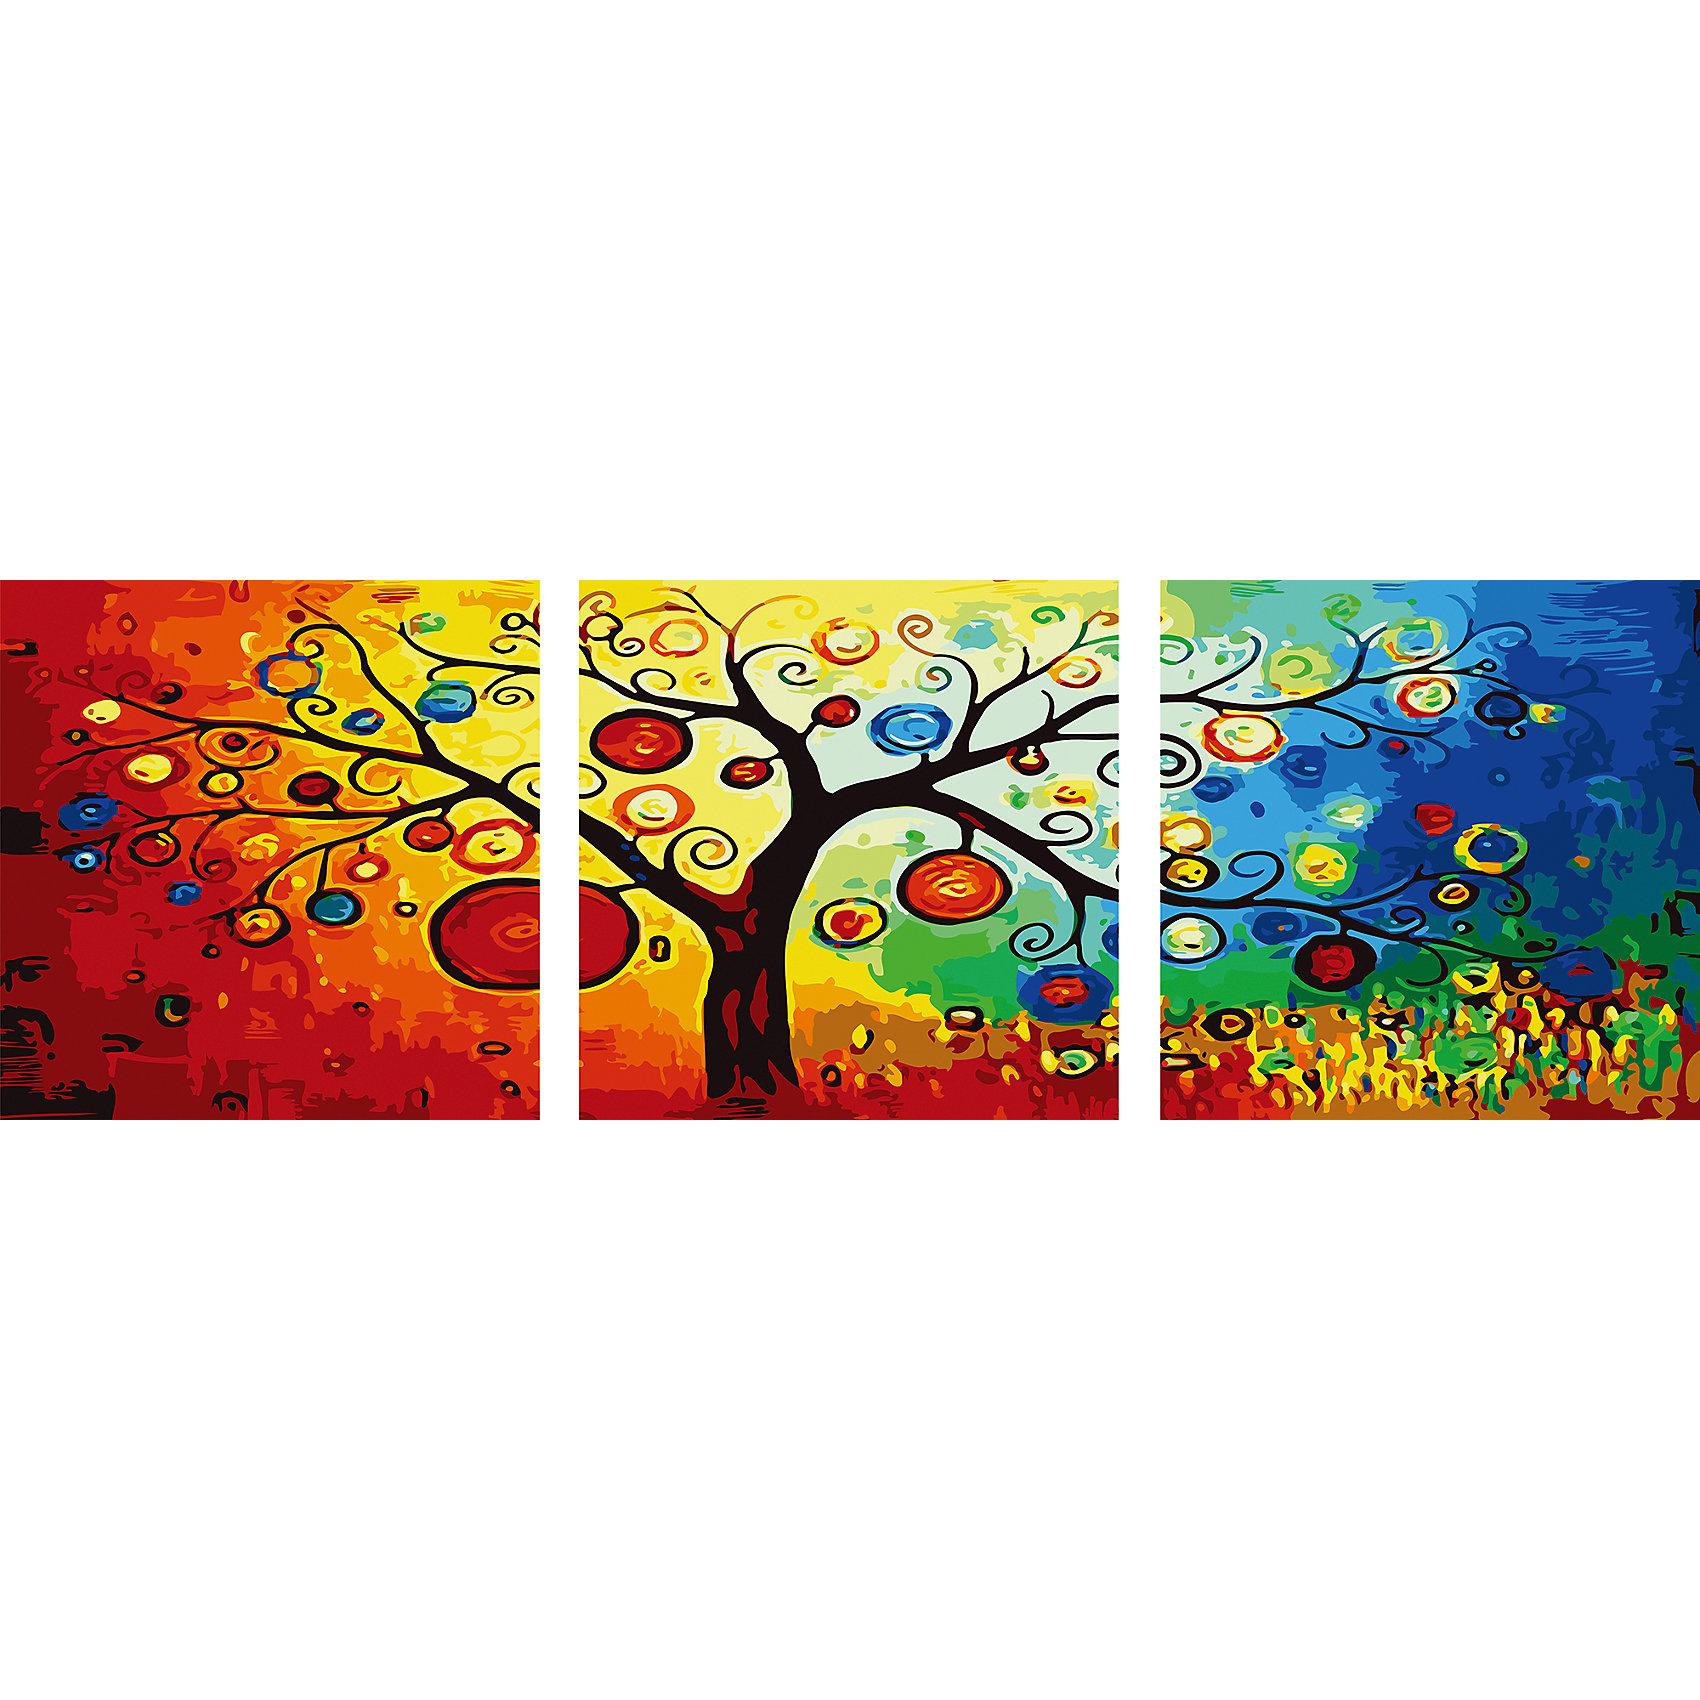 Роспись по номерам, триптих Древо 50*50 см (3 картины в наборе)Рисование<br>Роспись по номерам, триптих Древо 50*50 см (3 картины в наборе)<br><br>В набор входит:<br>-3 холста с нанесенным, пронумерованным рисунком<br>-набор акриловых красок на водяной основе<br>-3 кисточки для рисования<br>-крепление для подвешивания картины<br>-запасной чистый лист<br>-инструкция<br><br>Характеристика:<br>-Размер: 50х50 см<br>-Изображение: дерево<br><br> Роспись по номерам, триптих Древо 50*50 см (3 картины в наборе) - это интересное решение для украшения вашего интерьера. Вы можете написать картину сами без всяких затруднений, благодаря нумеровке, которая подскажет вам, что и каким цветом раскрашивать. Нарисовав картину, вы сможете повесить её в любое место с помощью крепления, прилагающемуся вместе с картинами. Благодаря качеству акриловых красок, ваша картина не потускнеет со временем и будет радовать вас долгое время.<br><br>Роспись по номерам, триптих Древо 50*50 см (3 картины в наборе) можно приобрести в нашем интернет-магазине.<br><br>Ширина мм: 520<br>Глубина мм: 520<br>Высота мм: 50<br>Вес г: 900<br>Возраст от месяцев: 36<br>Возраст до месяцев: 2147483647<br>Пол: Унисекс<br>Возраст: Детский<br>SKU: 5117347